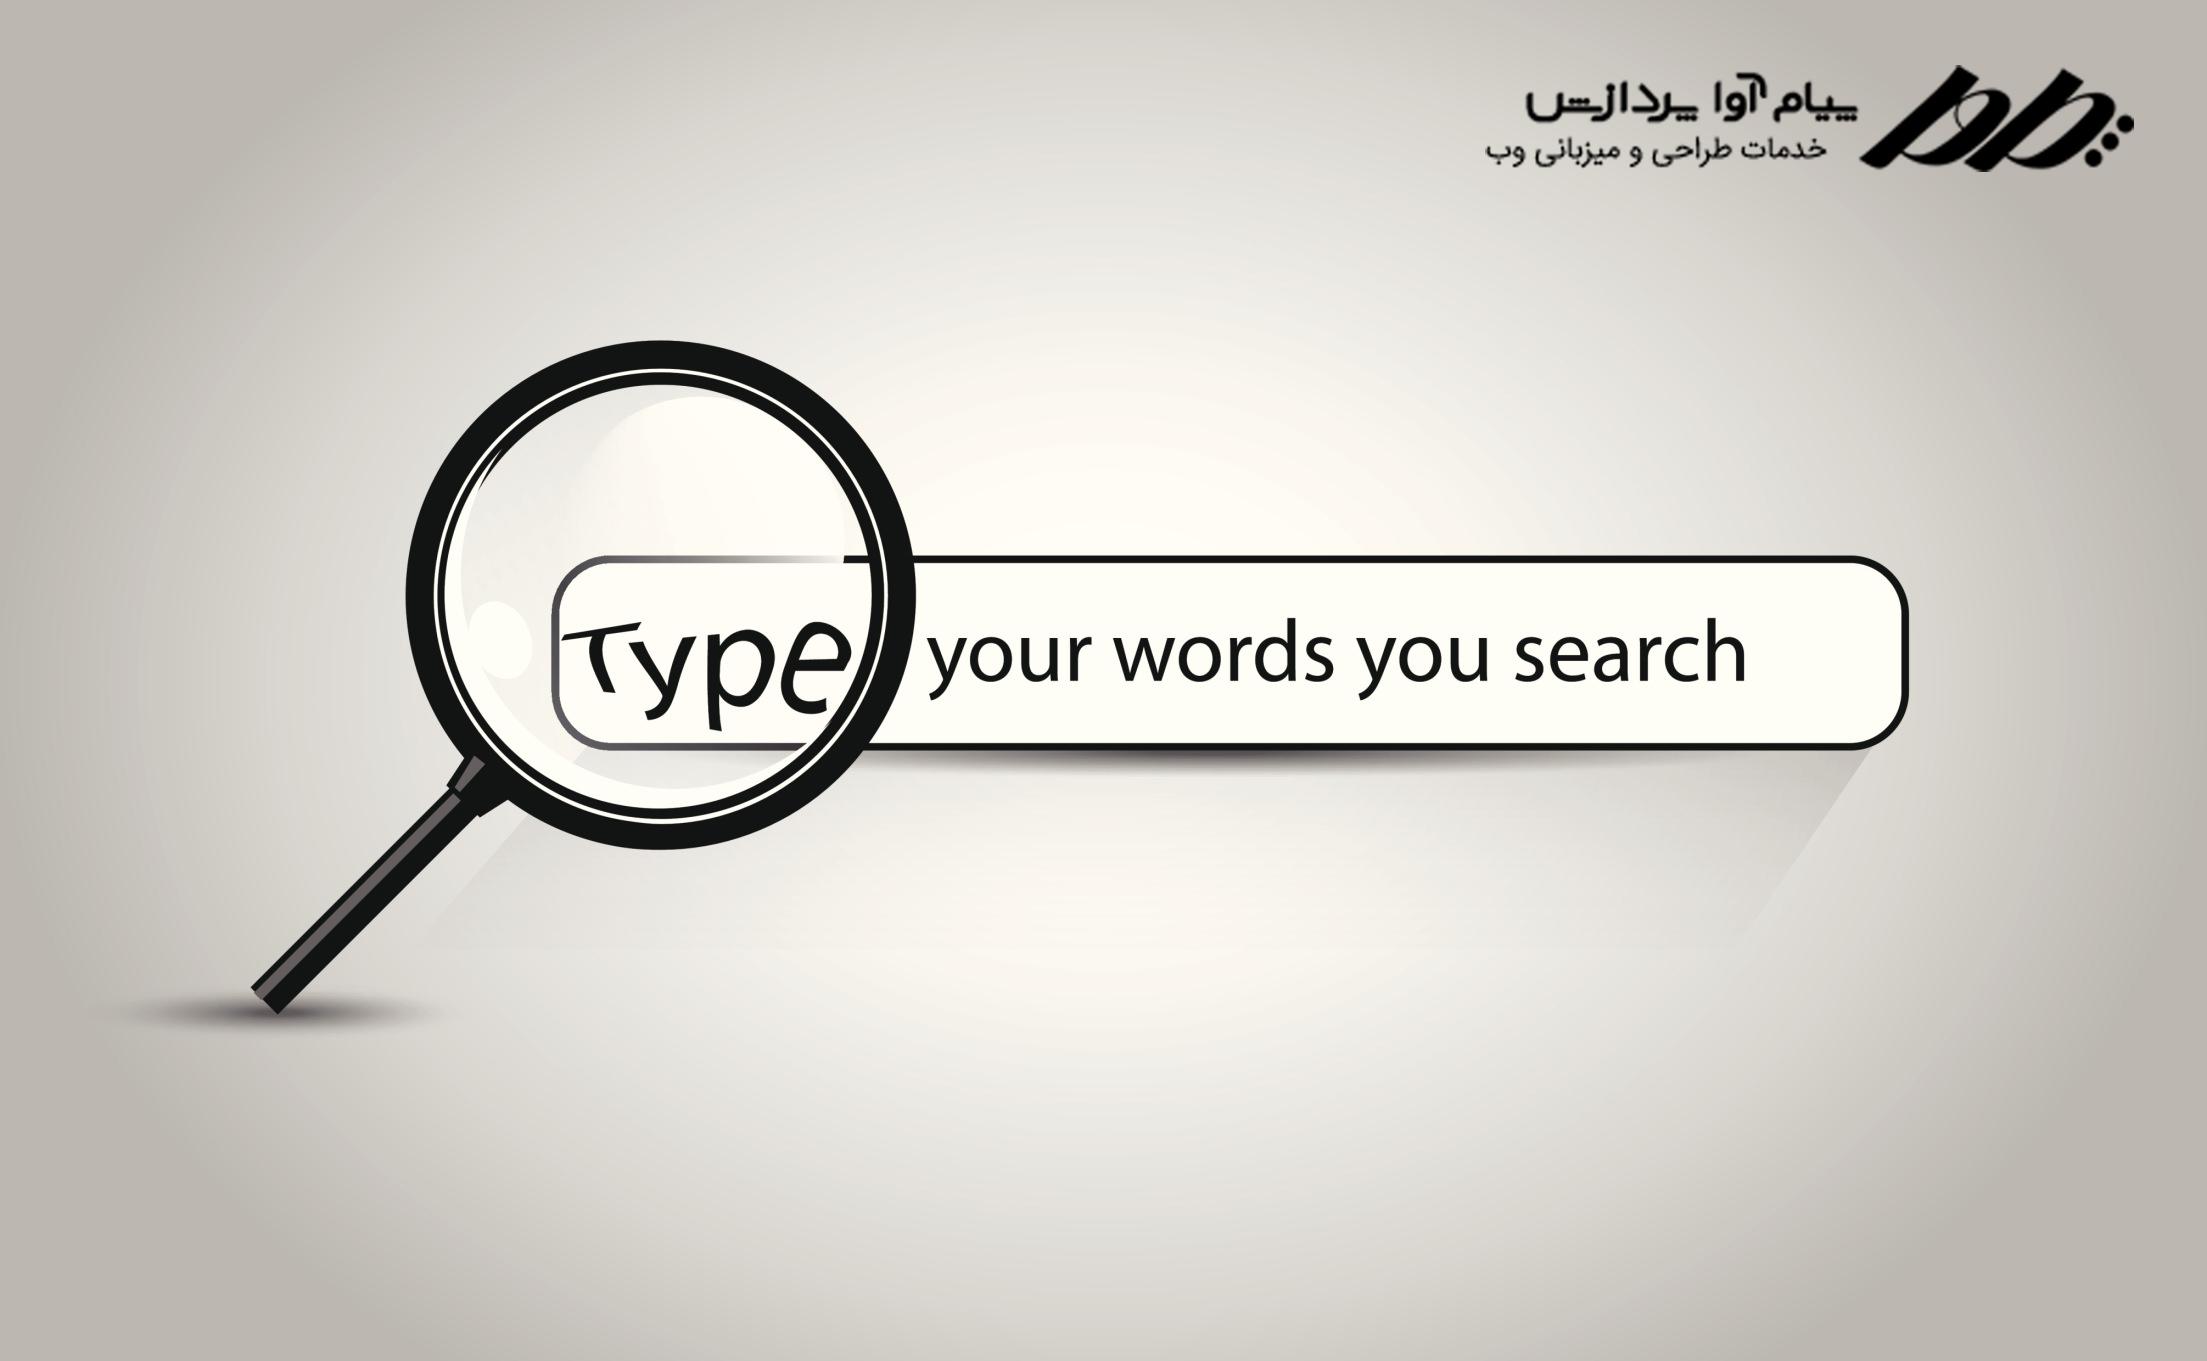 جستجو ها در ابزار گوگل وب مستر